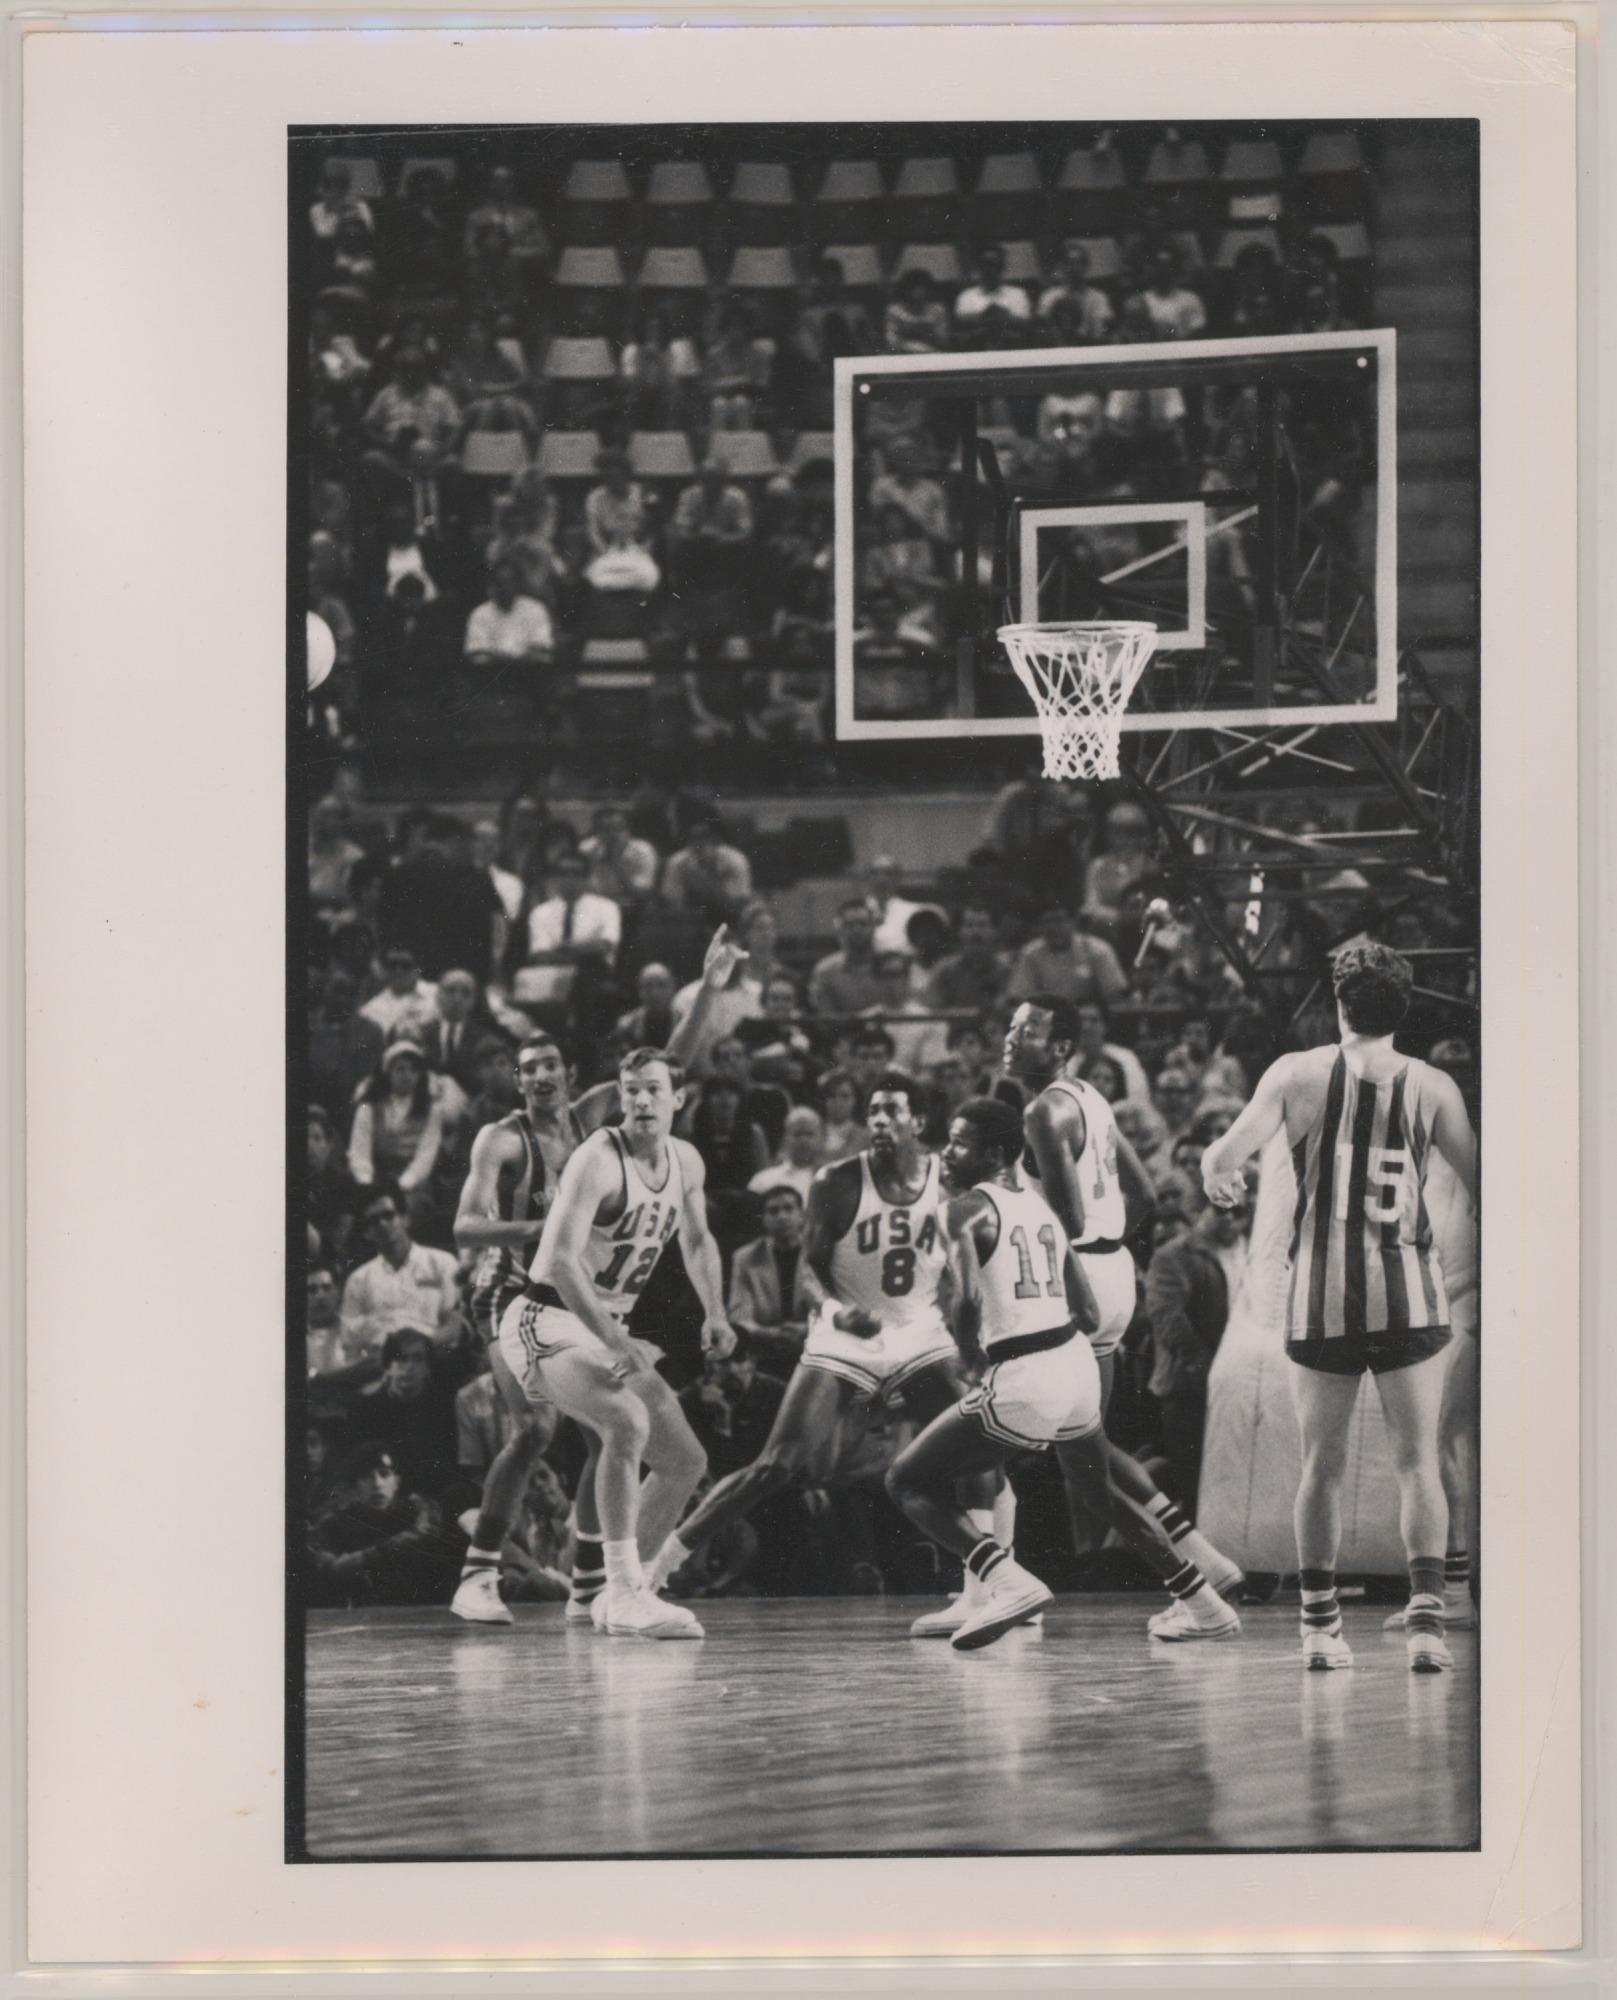 images for 1968 Olympics - USA vs. Brazil - men's basketball